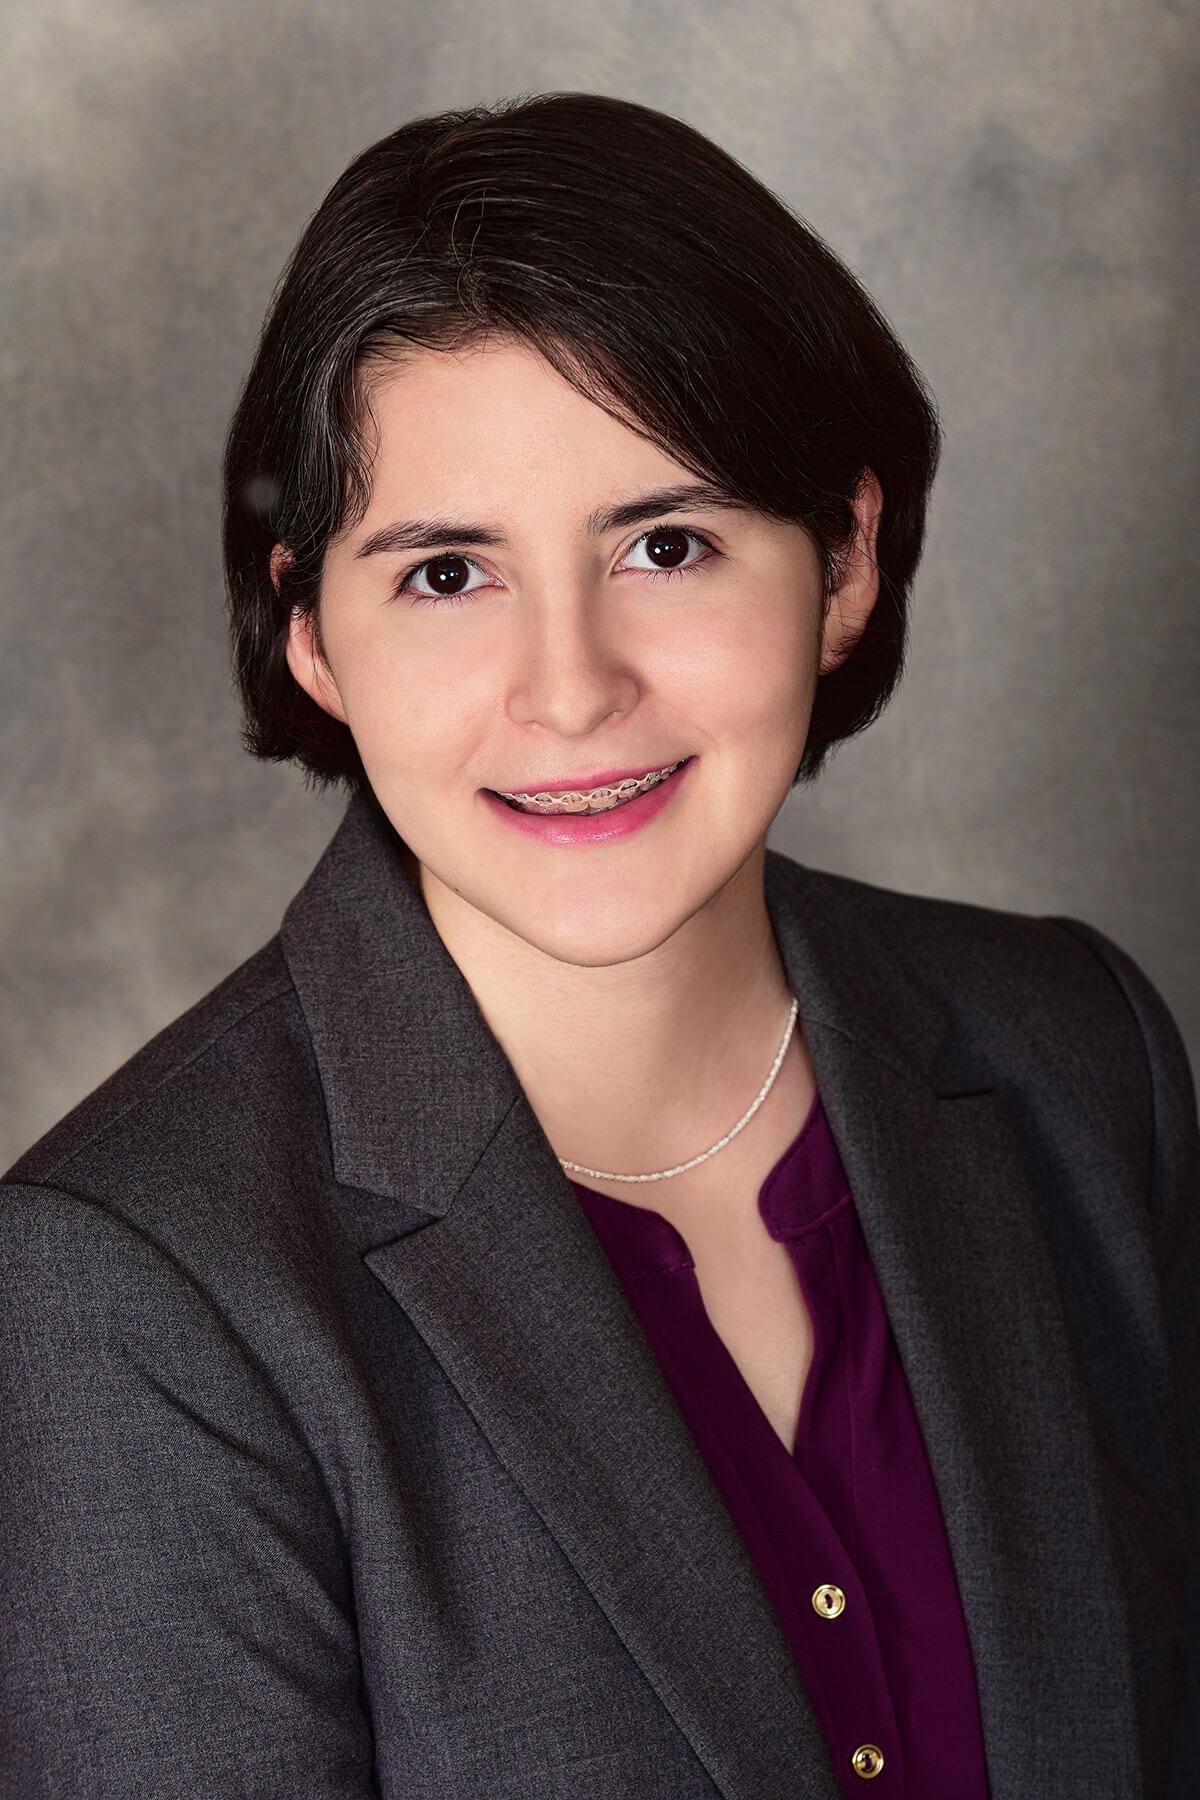 Elise Garza